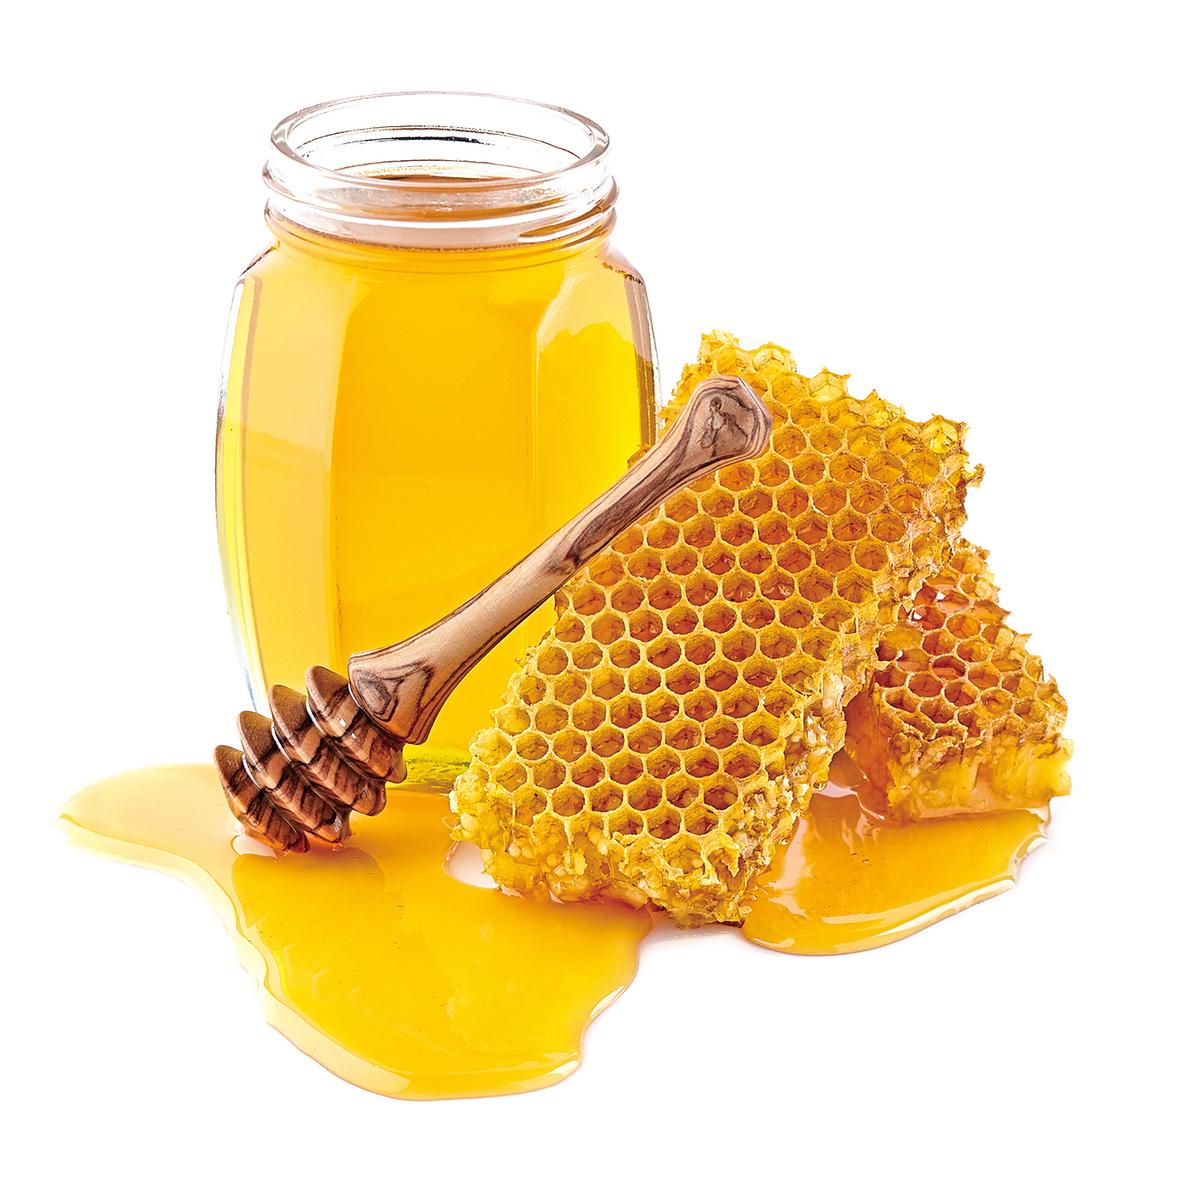 沒有蜜蜂,自然也就沒有了蜂蜜。